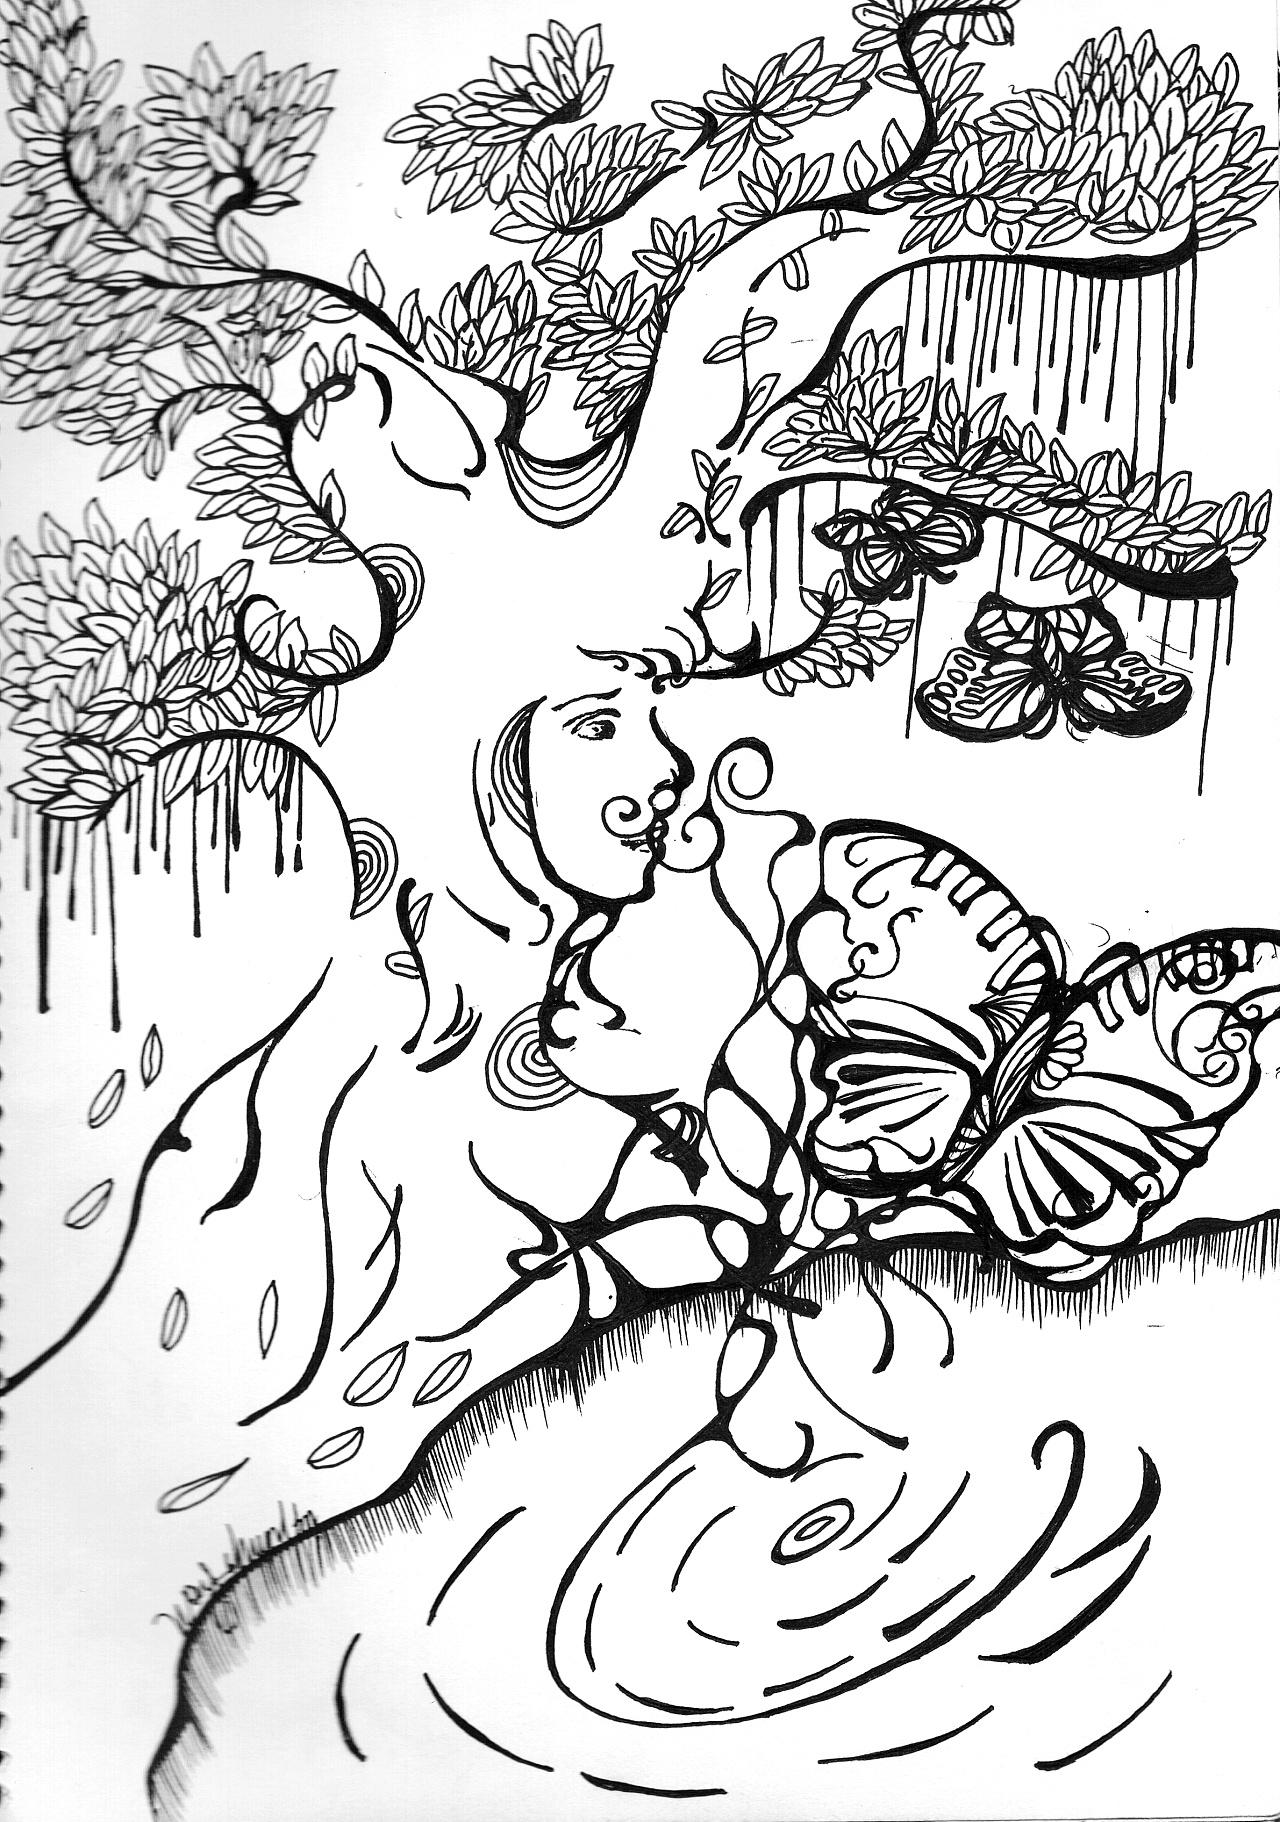 自我介绍手绘插画